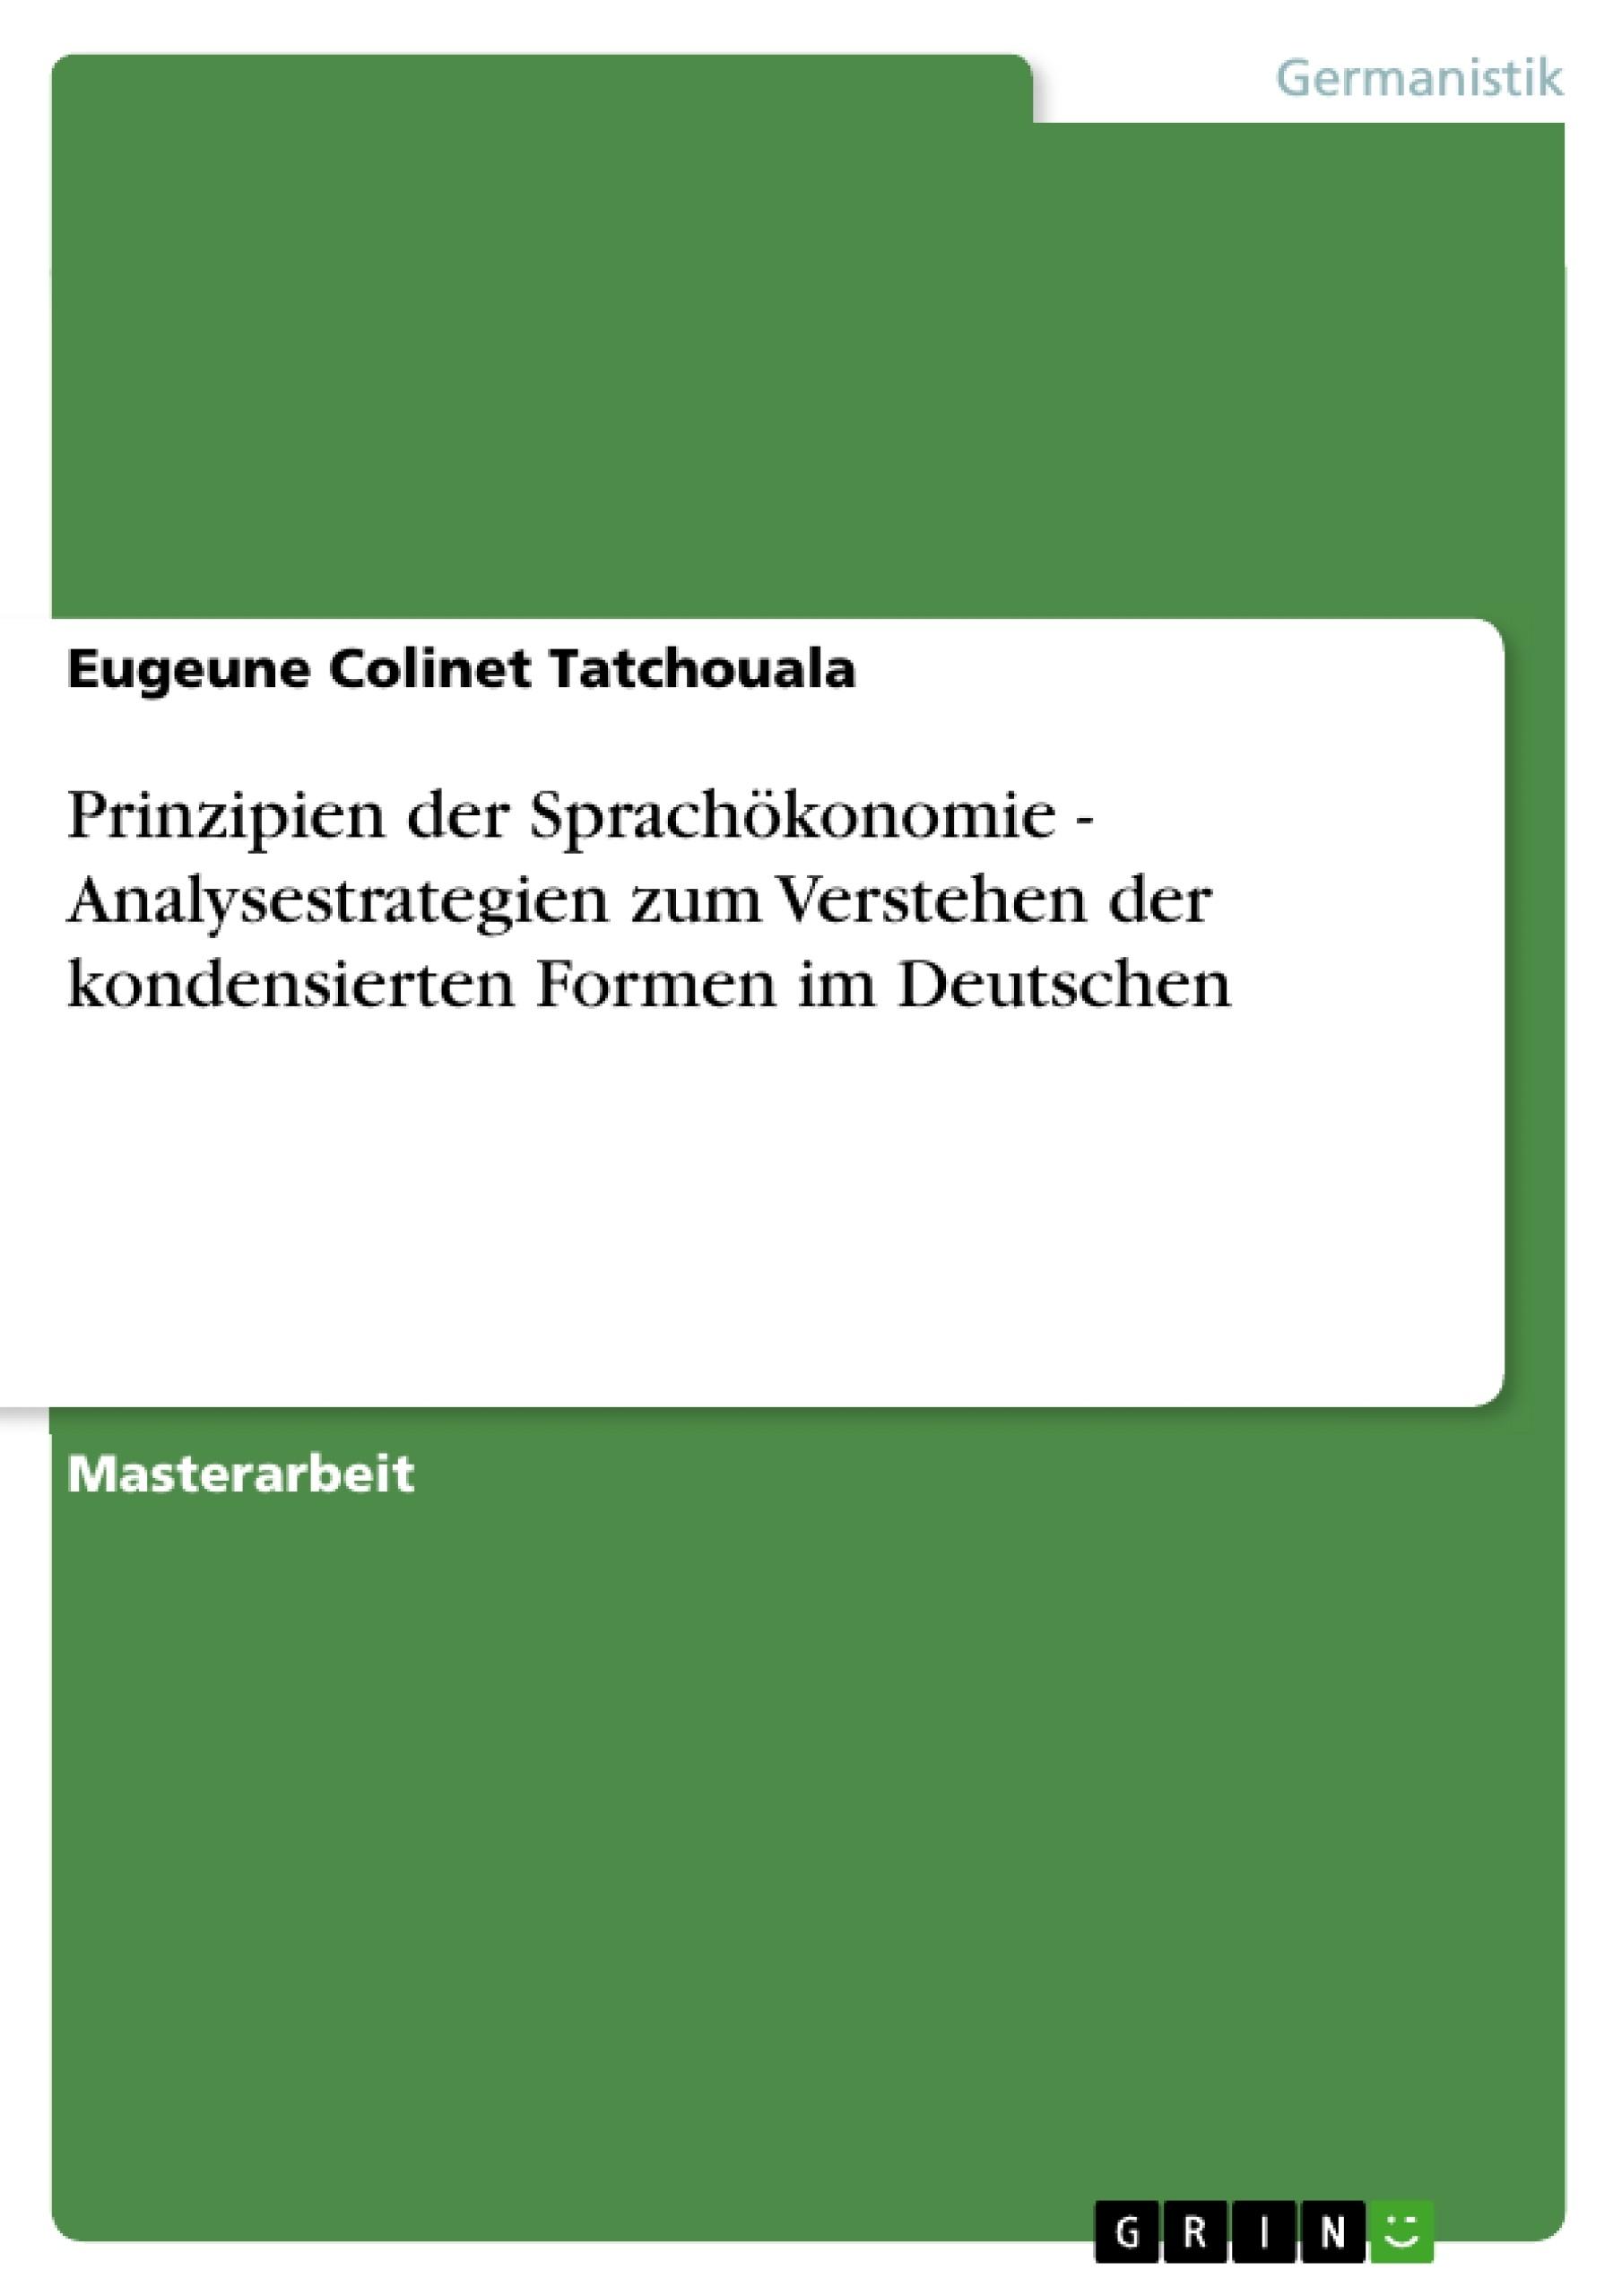 Titel: Prinzipien der Sprachökonomie - Analysestrategien zum Verstehen der kondensierten Formen im Deutschen